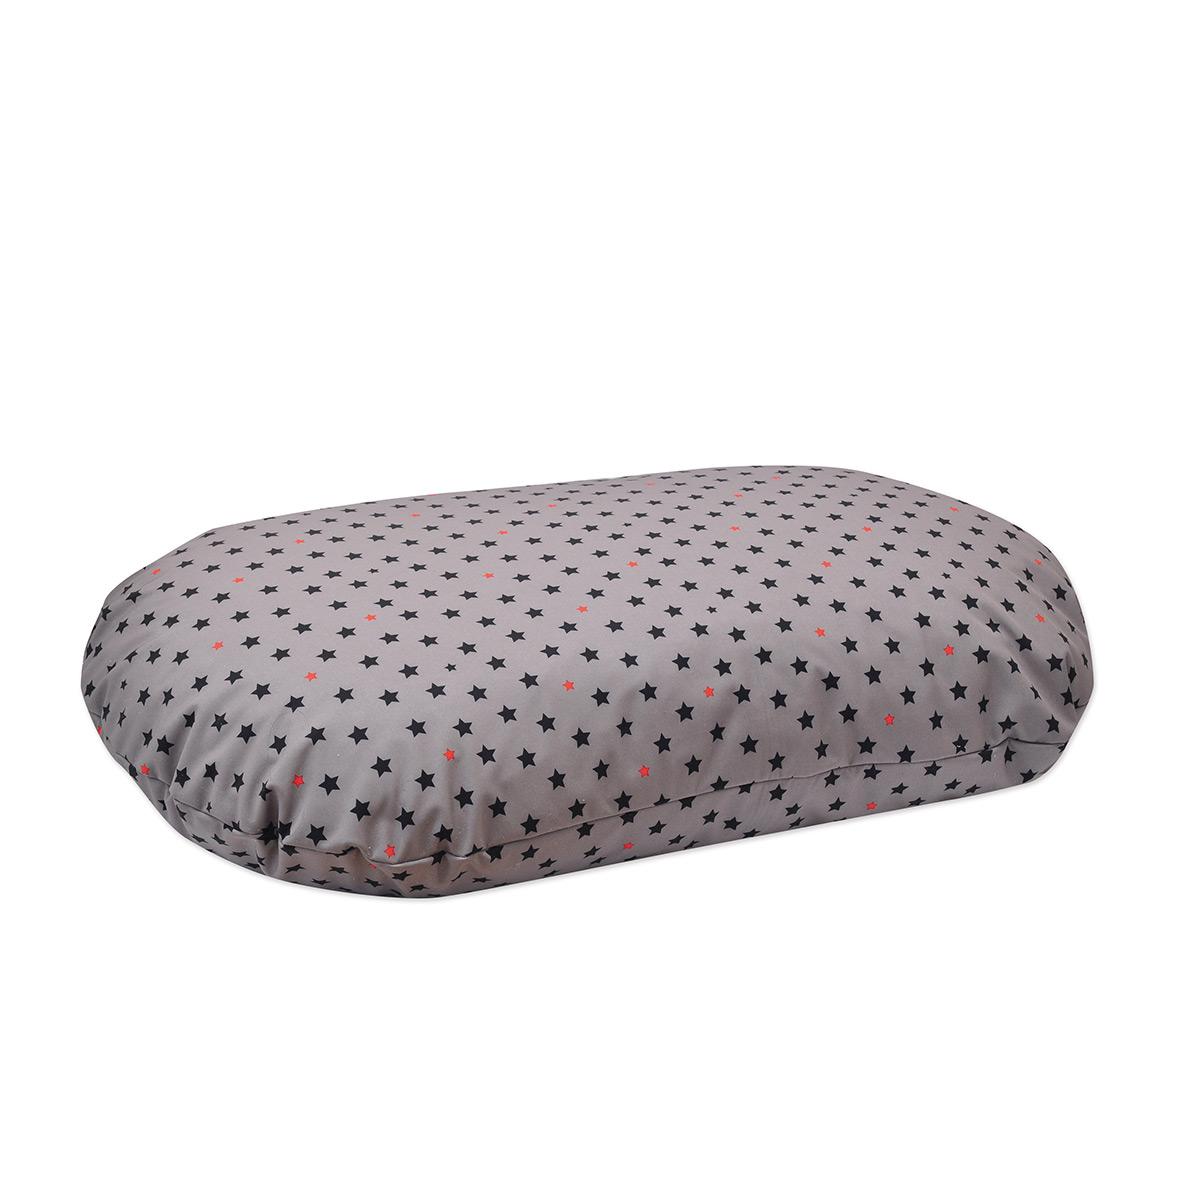 aum ller liegekissen softshell star grau f r hunde katzen. Black Bedroom Furniture Sets. Home Design Ideas